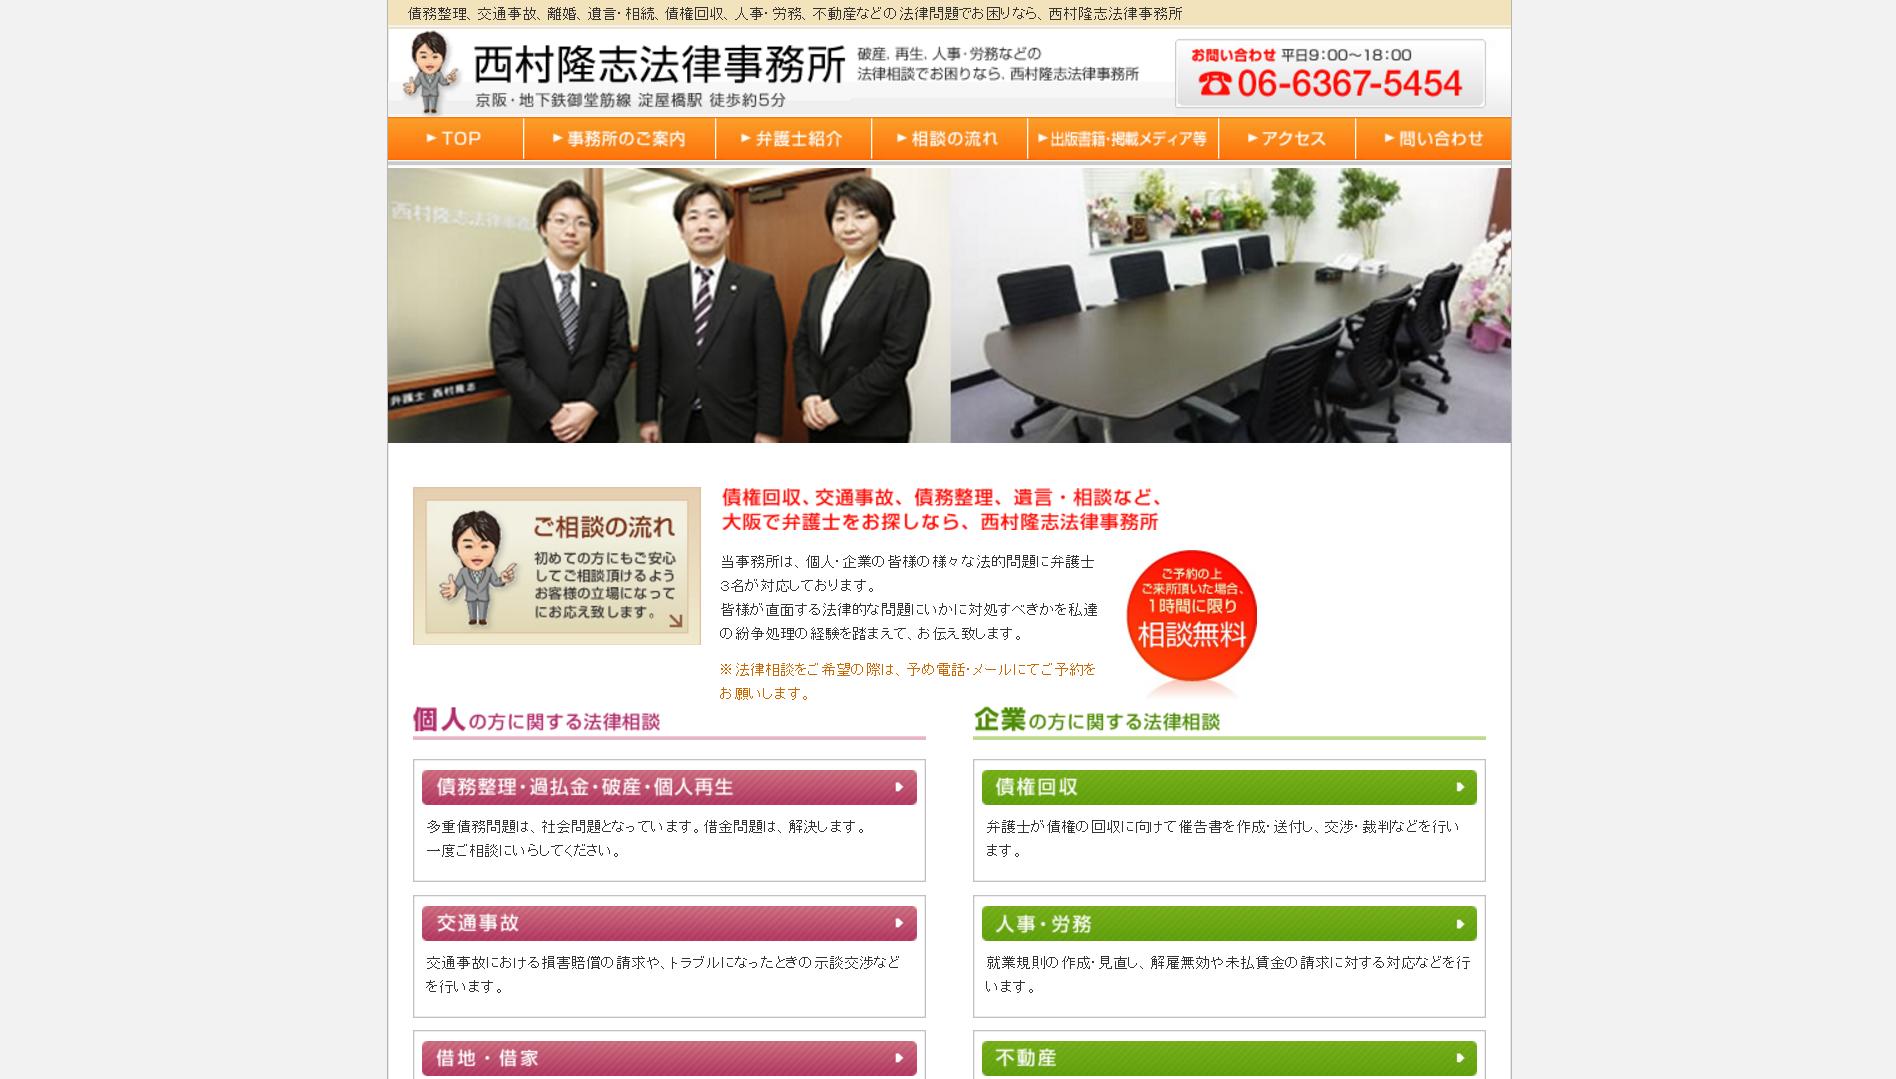 西村隆志法律事務所(大阪府大阪市北区)